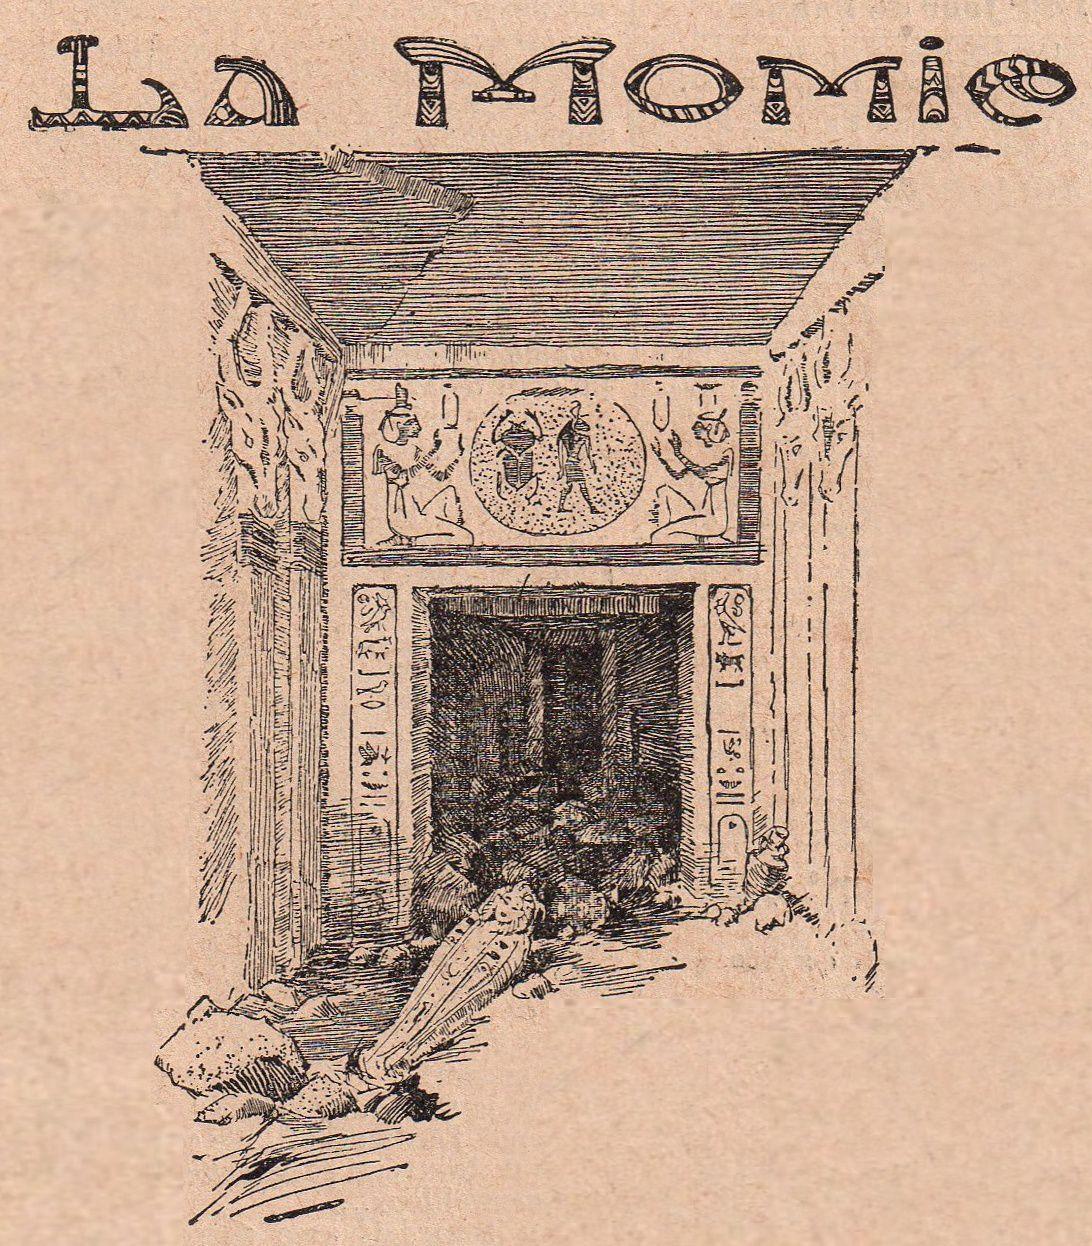 Louis Payen - La Momie (1915)